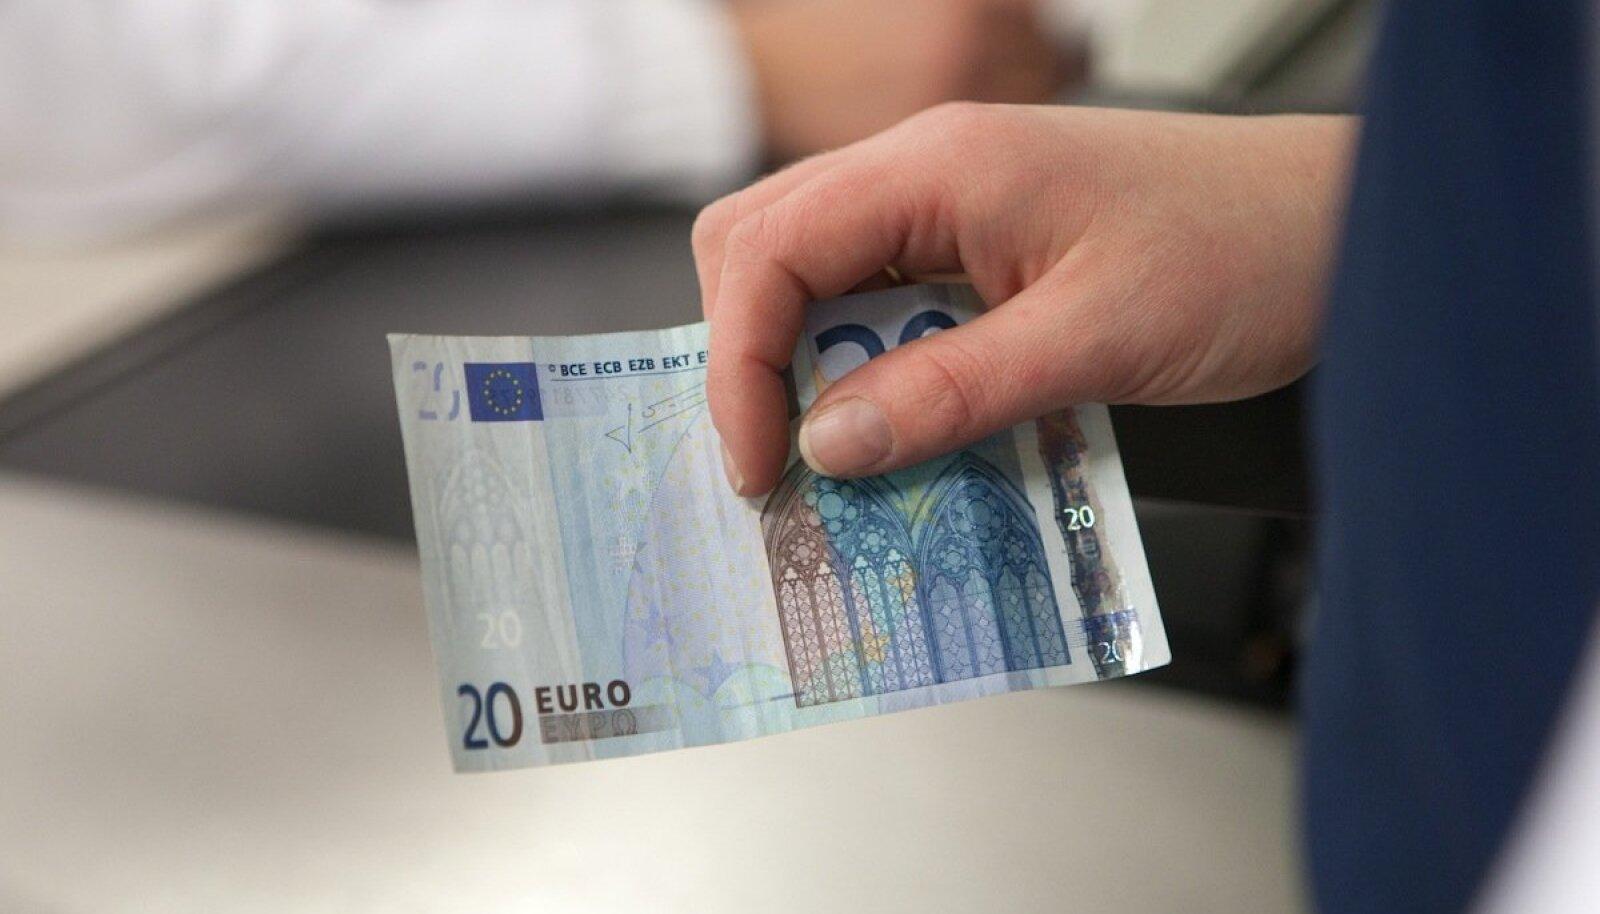 Pensionäridel pole poliitilise 20 lisaeuroga lähiajal poodi asja.